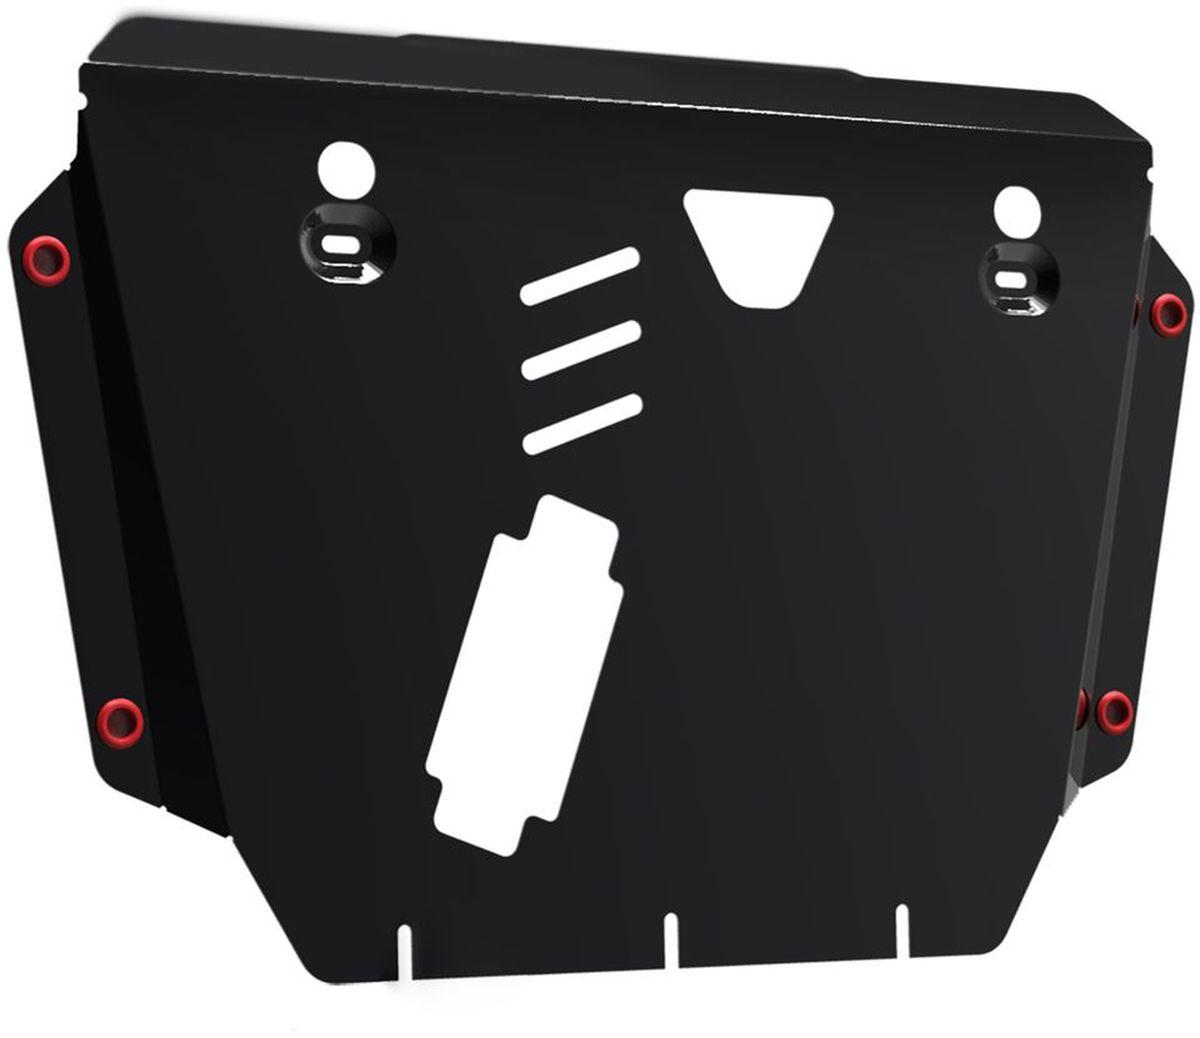 Защита картера и КПП Автоброня, для Toyota Auris/Corolla. 111.05774.1111.05774.1Технологически совершенный продукт за невысокую стоимость. Защита разработана с учетом особенностей днища автомобиля, что позволяет сохранить дорожный просвет с минимальным изменением. Защита устанавливается в штатные места кузова автомобиля. Глубокий штамп обеспечивает до двух раз больше жесткости в сравнении с обычной защитой той же толщины. Проштампованные ребра жесткости препятствуют деформации защиты при ударах. Тепловой зазор и вентиляционные отверстия обеспечивают сохранение температурного режима двигателя в норме. Скрытый крепеж предотвращает срыв крепежных элементов при наезде на препятствие. Шумопоглощающие резиновые элементы обеспечивают комфортную езду без вибраций и скрежета металла, а съемные лючки для слива масла и замены фильтра - экономию средств и время. Конструкция изделия не влияет на пассивную безопасность автомобиля (при ударе защита не воздействует на деформационные зоны кузова). Со штатным крепежом. В комплекте инструкция по...